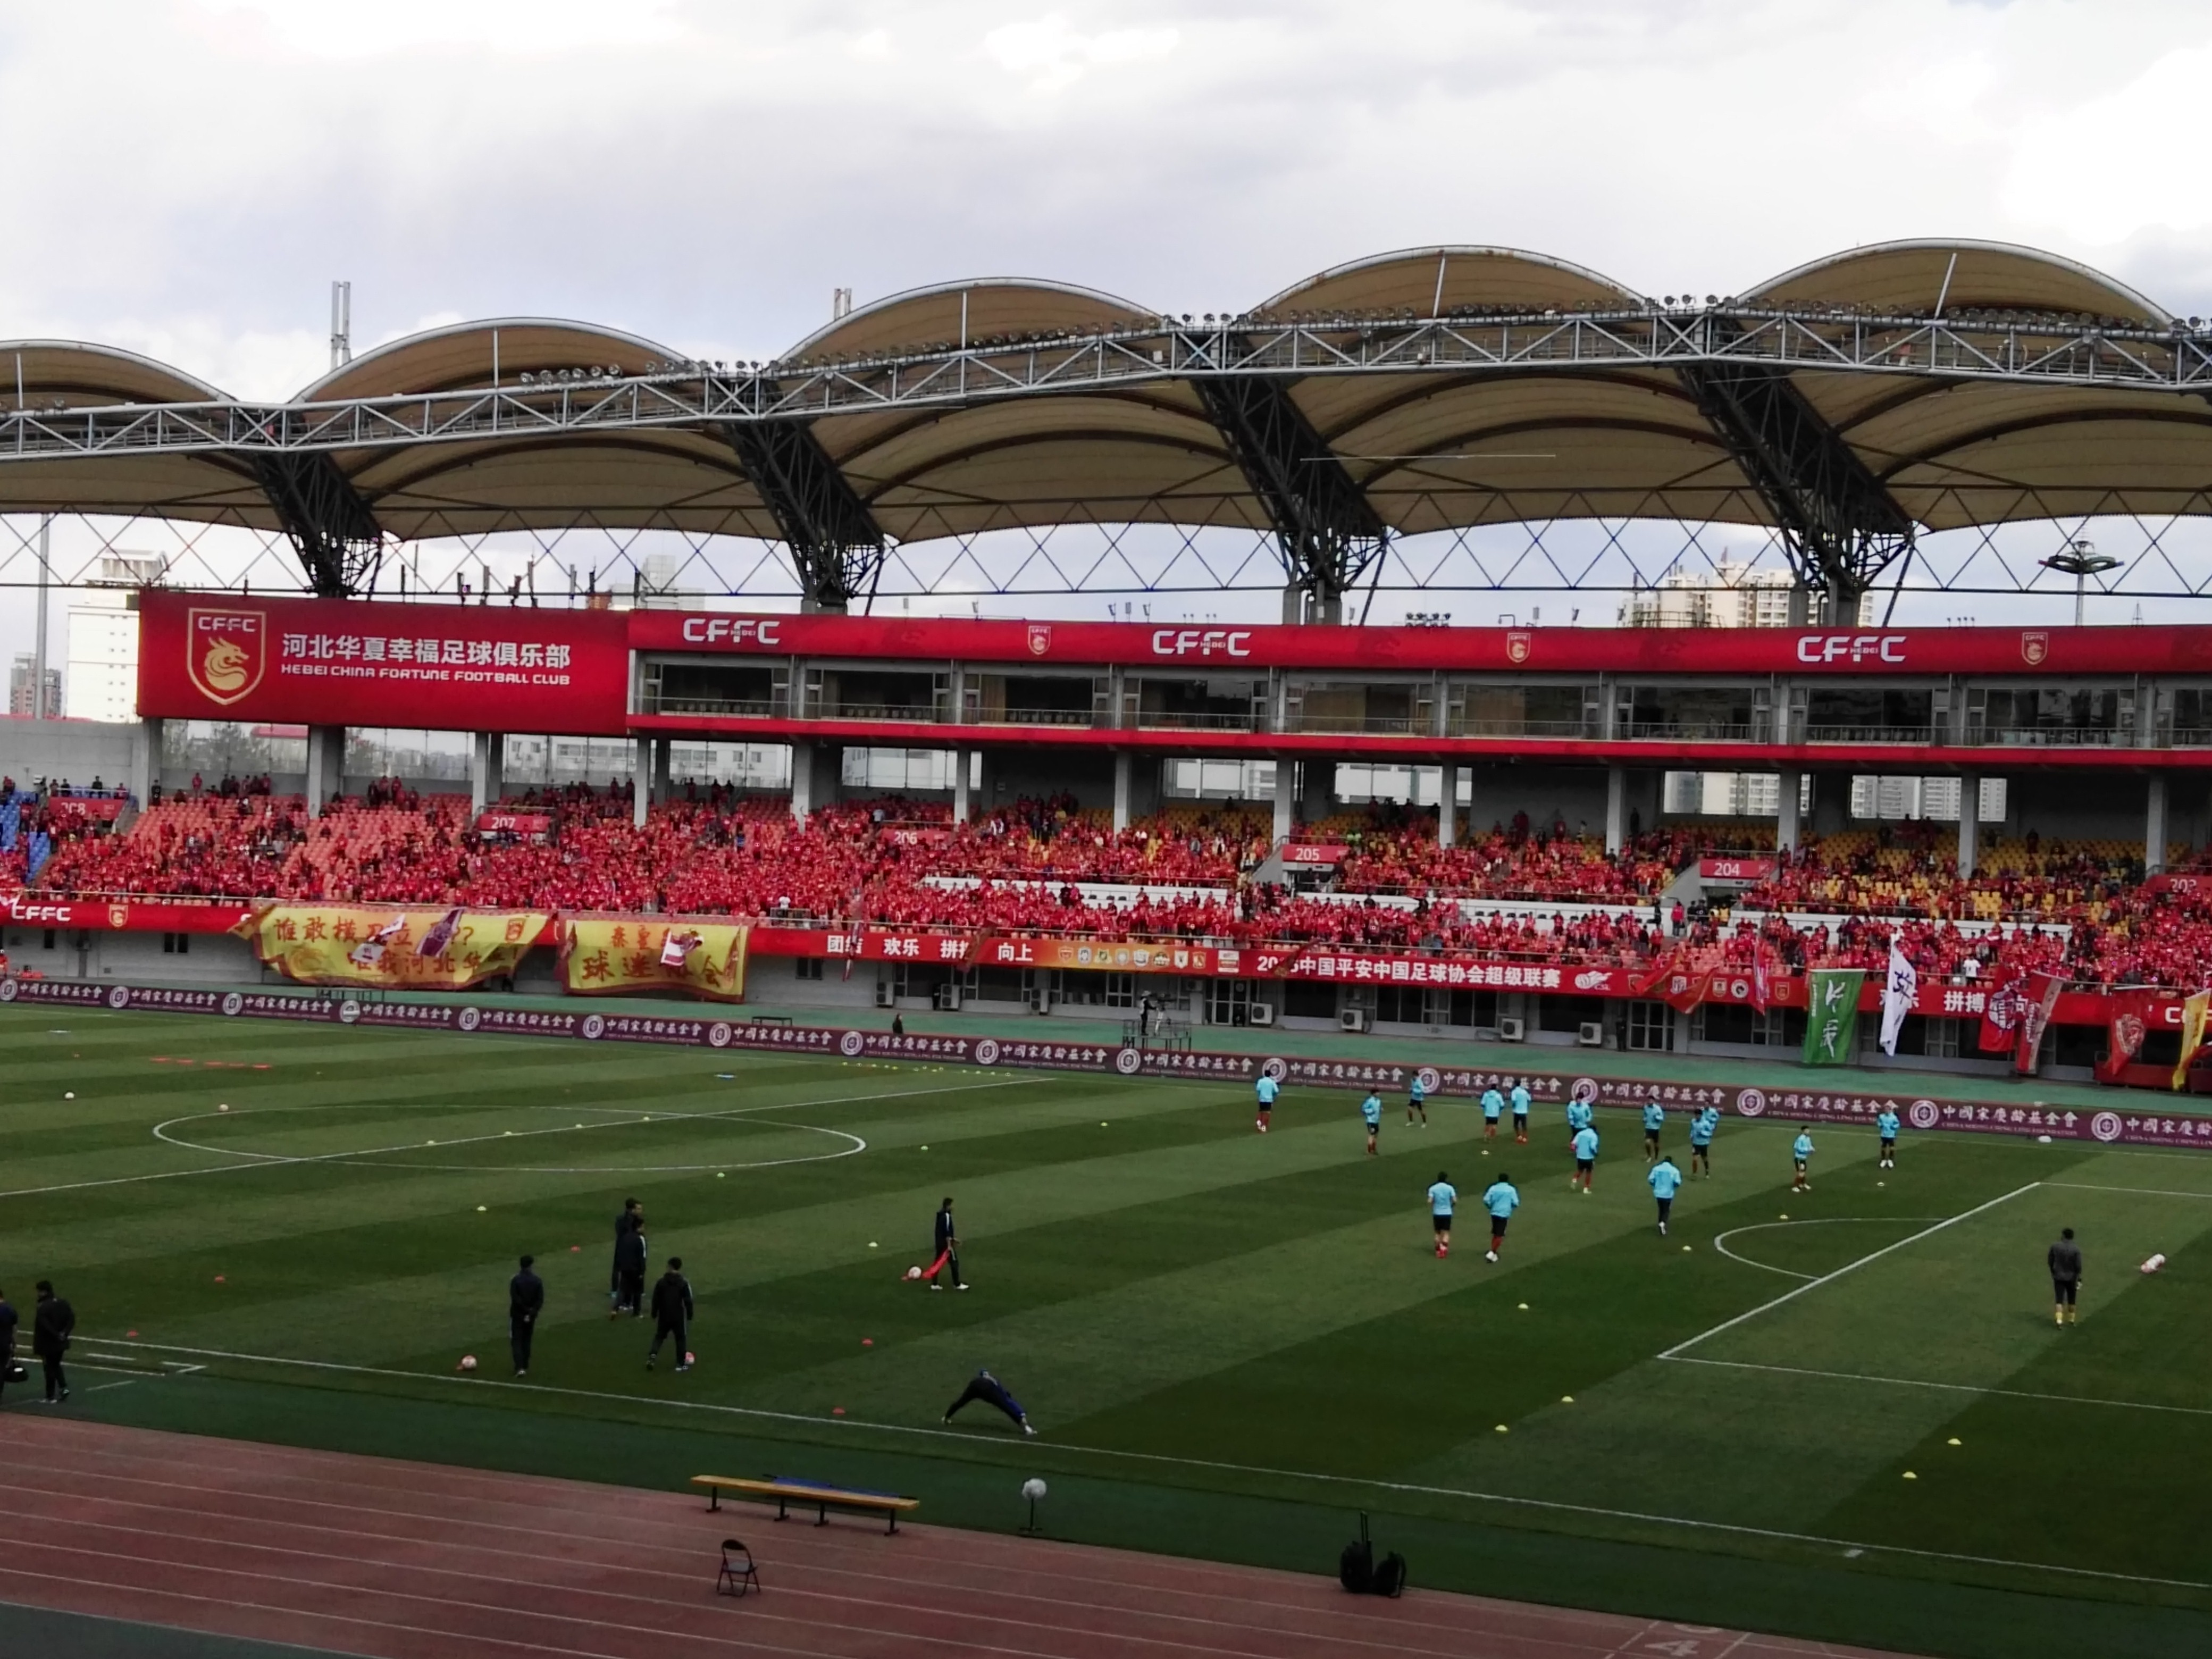 2016年中国顶级联赛/中超升班马--河北华夏幸福足球队主场就社在这里--秦皇岛奥体中心,作为一项顶级赛事,华夏幸福足球队每个主场作战都吸引各地数万名球迷来此观看。 秦皇岛原本就有足球城的美誉,是2008年北京奥运会为数不多的协办城市之一,而且中国足球学校、国家体育中心秦皇岛训练基地坐落在此,如今有了一只中国顶级联赛的球队,更为这个城市增添了活力与魅力! 以下是2016年华夏幸福足球队全赛程表: